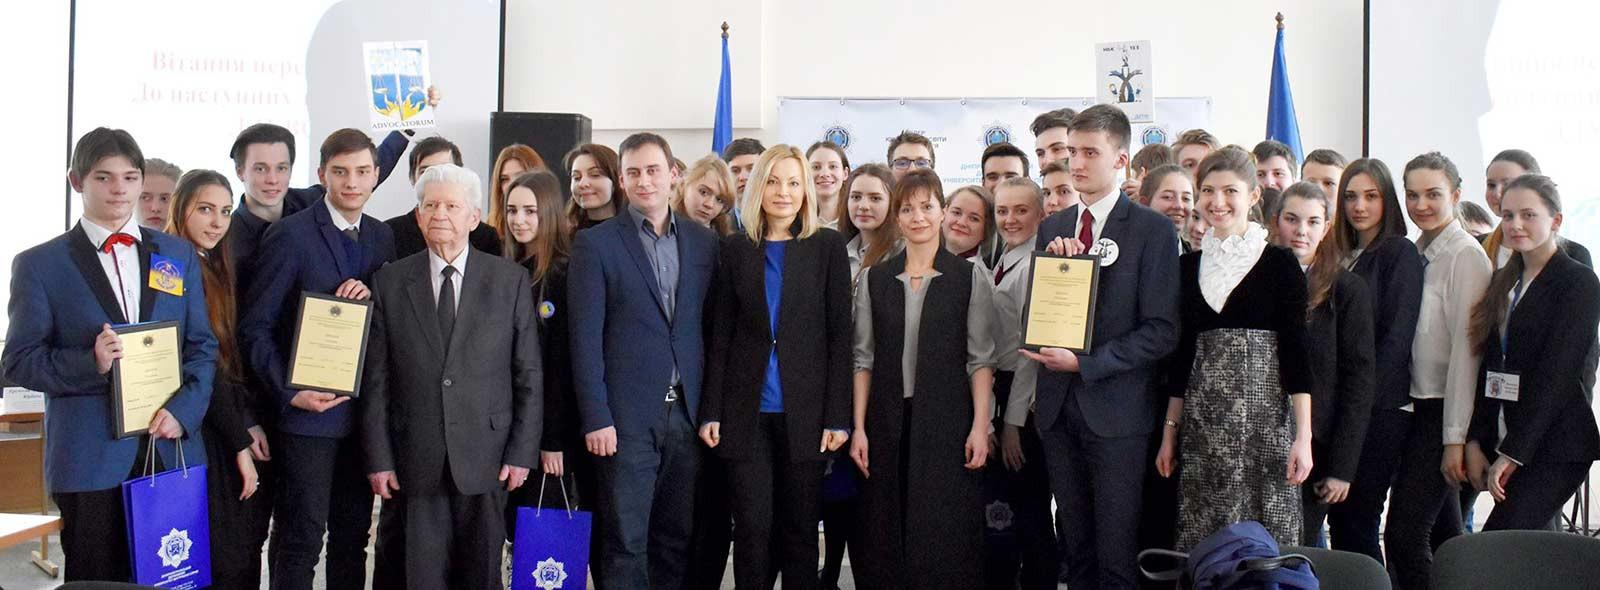 У ДДУВС пройшов інтелектуальний турнір «Гладіатори права» для учнів 10-11-х класів загальноосвітніх навчальних закладів міста Дніпра.